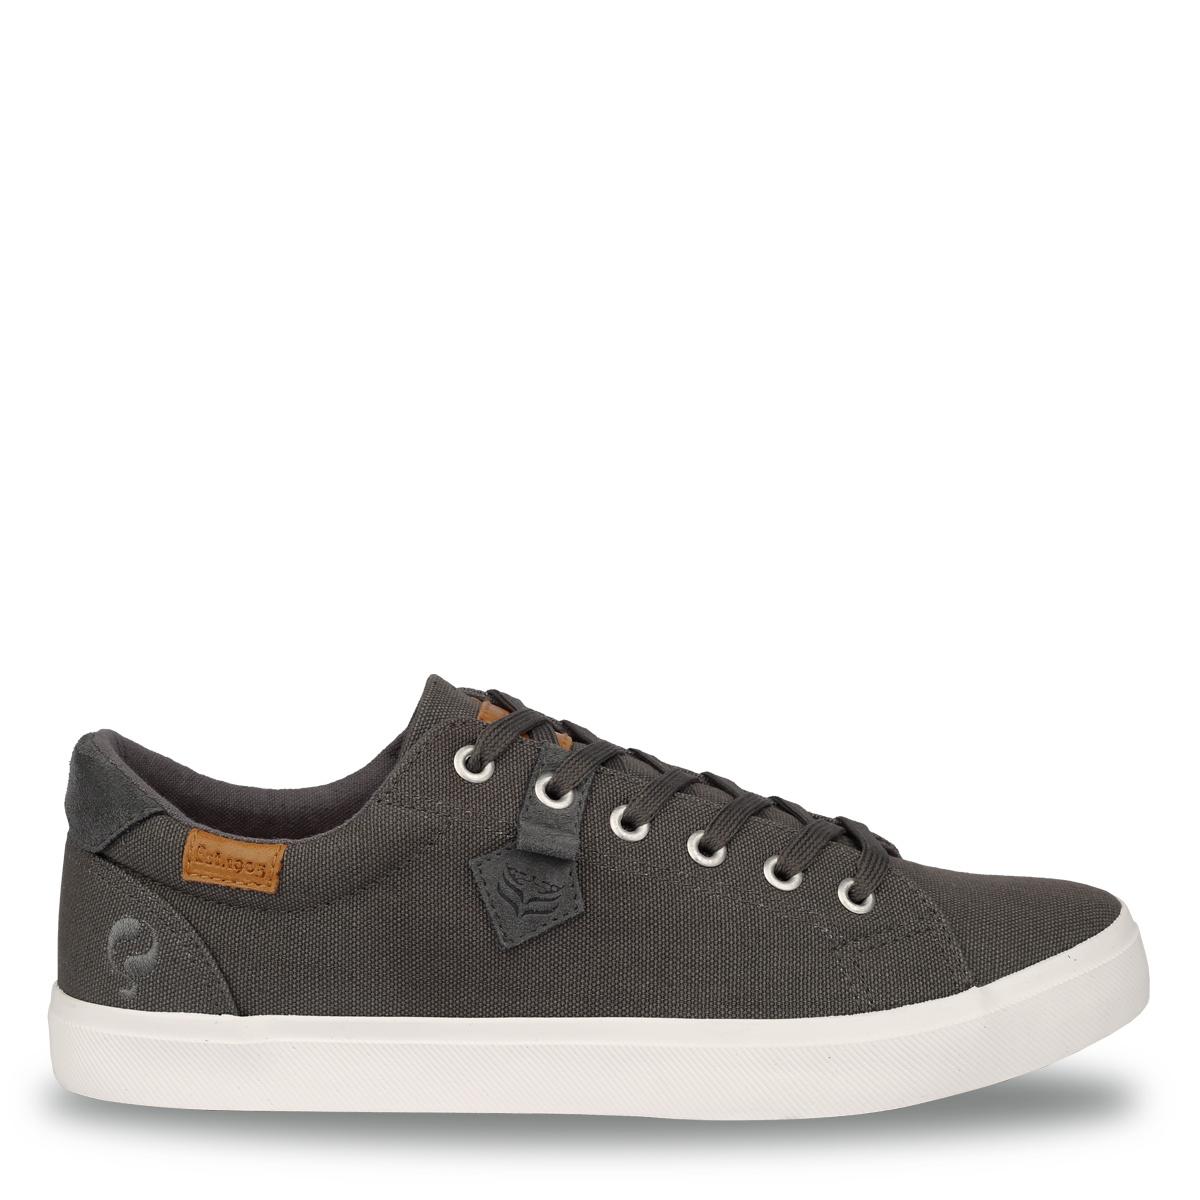 Heren Sneaker Laren - Donkergrijs